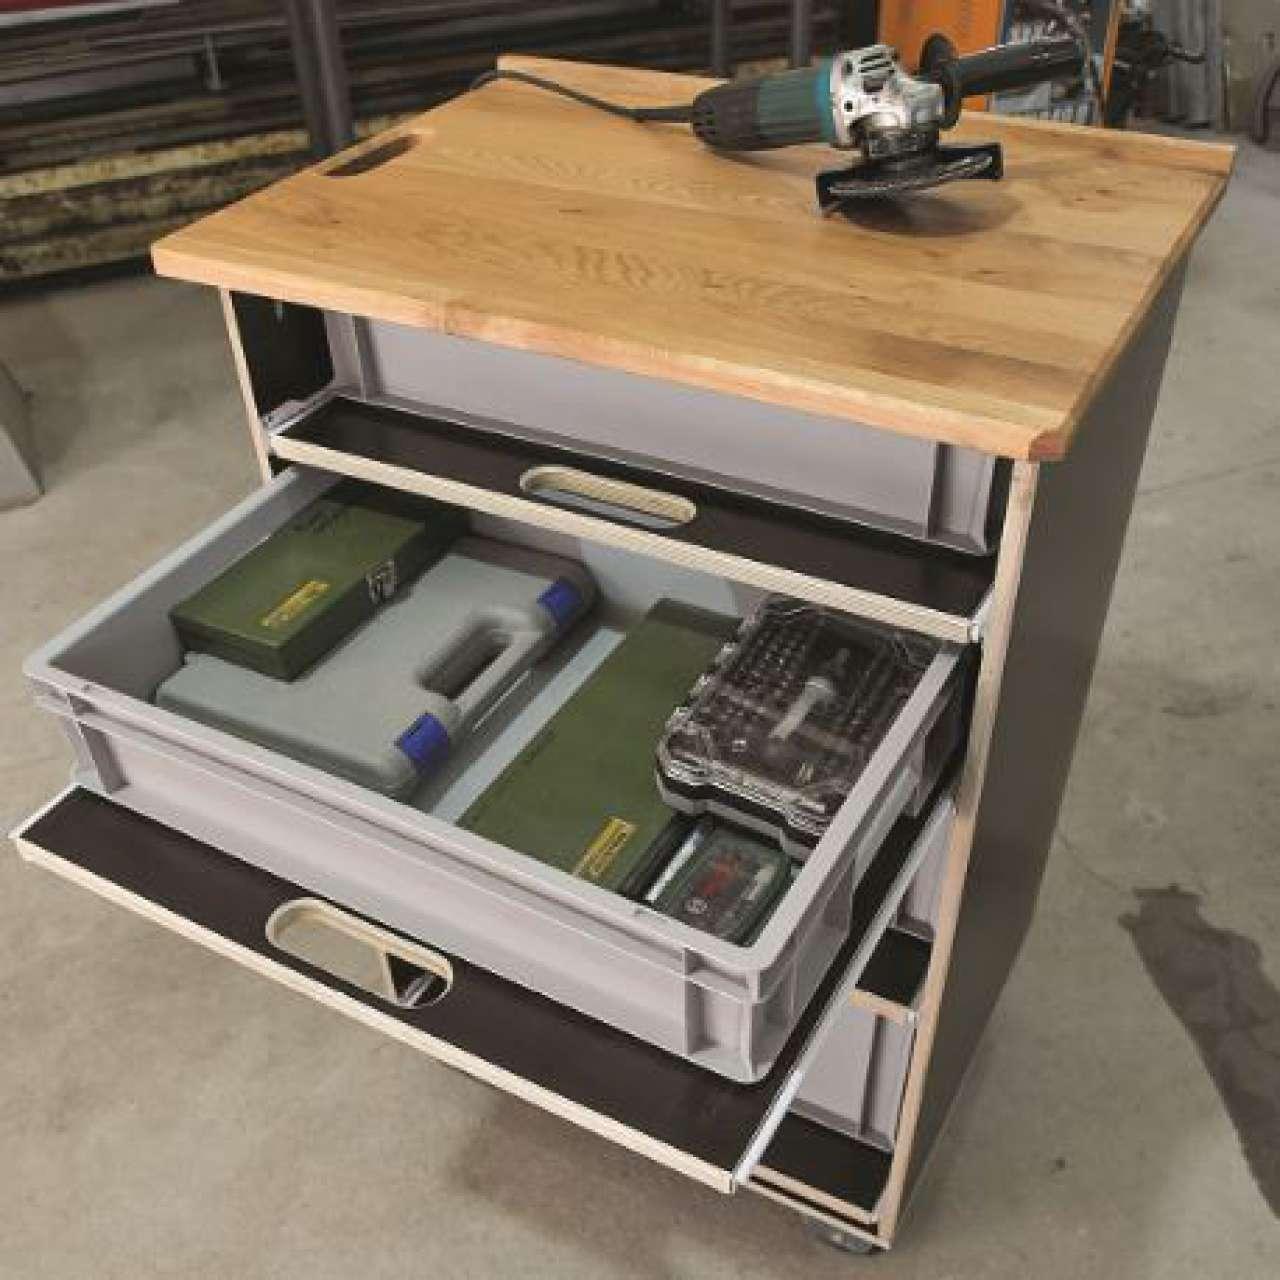 Praktischen Werkstattwagen günstig selber bauen - News - Technik ...